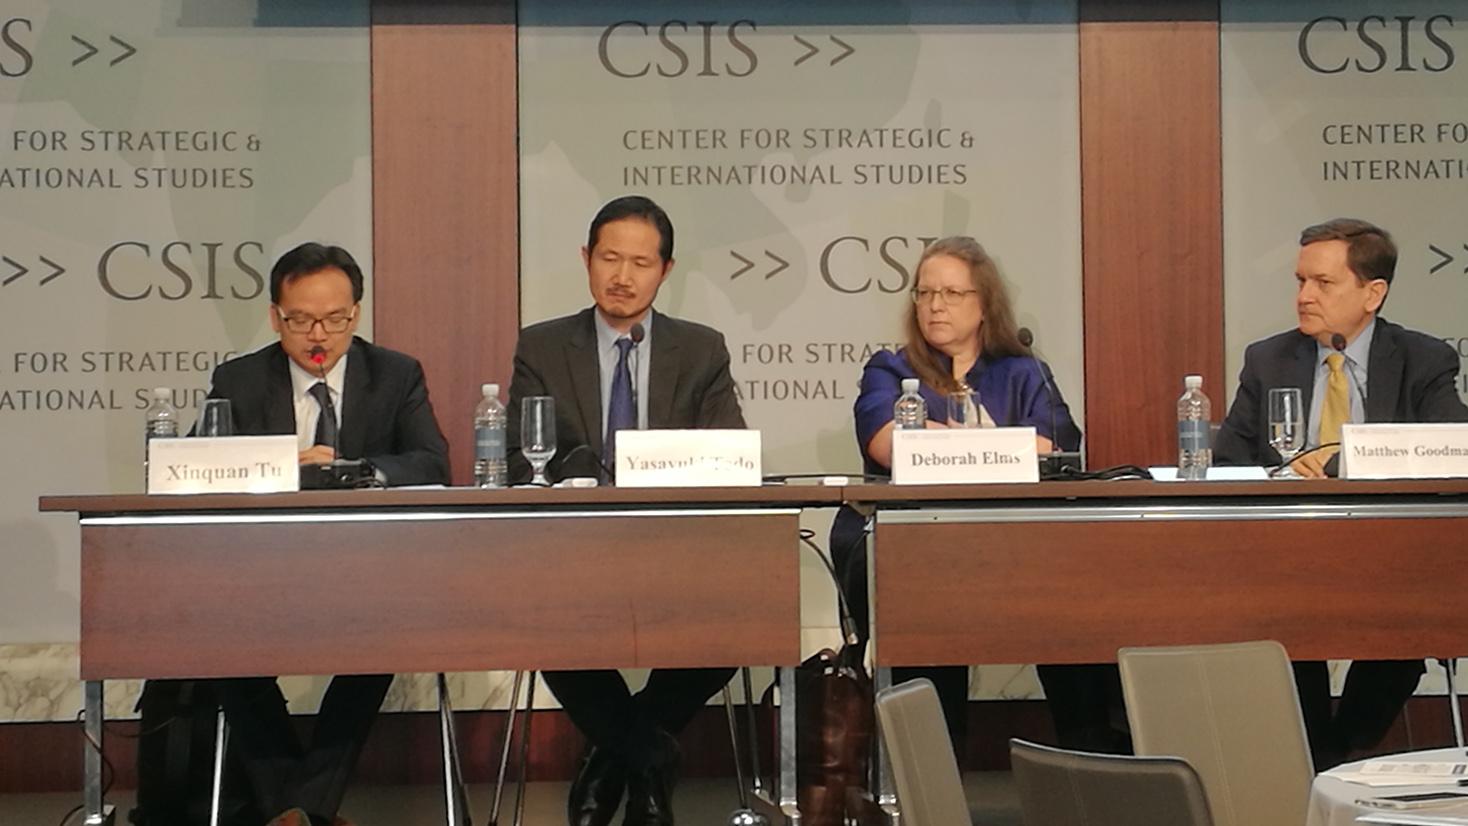 """华盛顿智库""""战略与国际研究中心"""" 6月19日举办题为""""美国与亚洲经济结构脱钩了吗""""的研讨会,左一为中国对外经济贸易大学中国WTO研究院院长、教授屠新泉,右二为新加坡亚洲贸易中心(Asian Trade Centre)执行董事、创始人德博拉·埃尔姆斯(Deborah Elms) 。(林坪摄影)"""